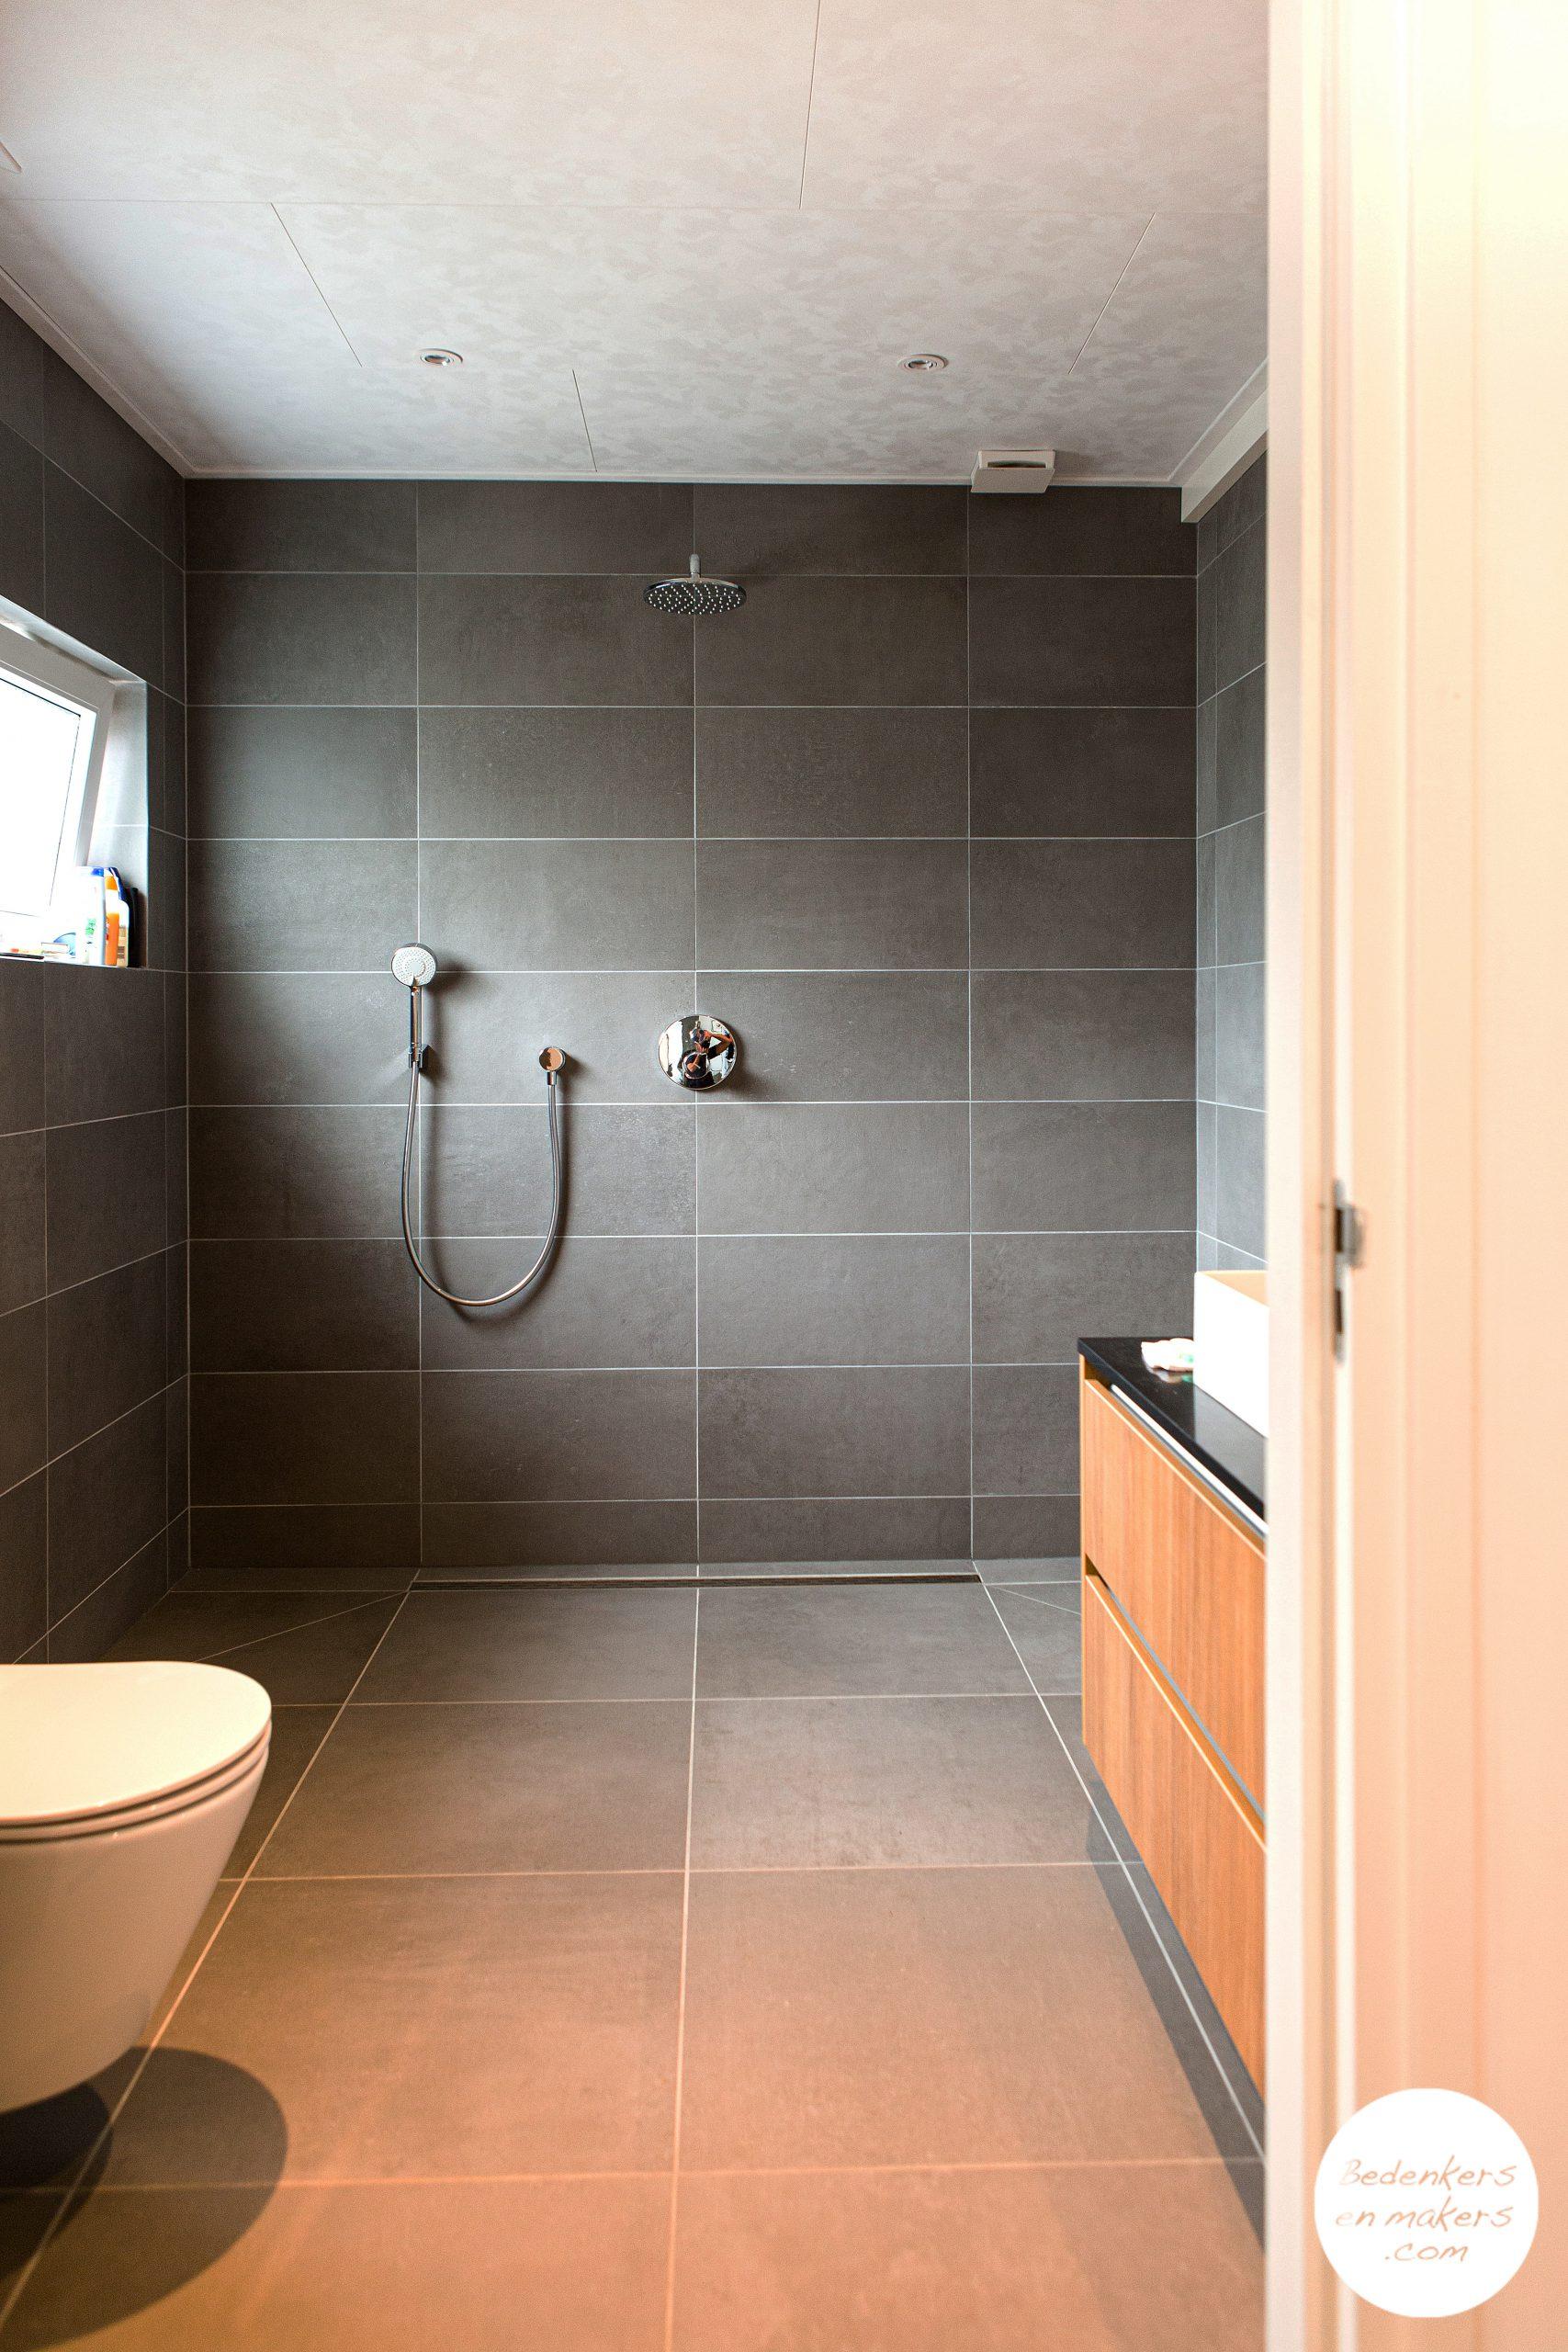 Levensloopbestendige badkamer op de begane grond met inloopdouche S20C172601